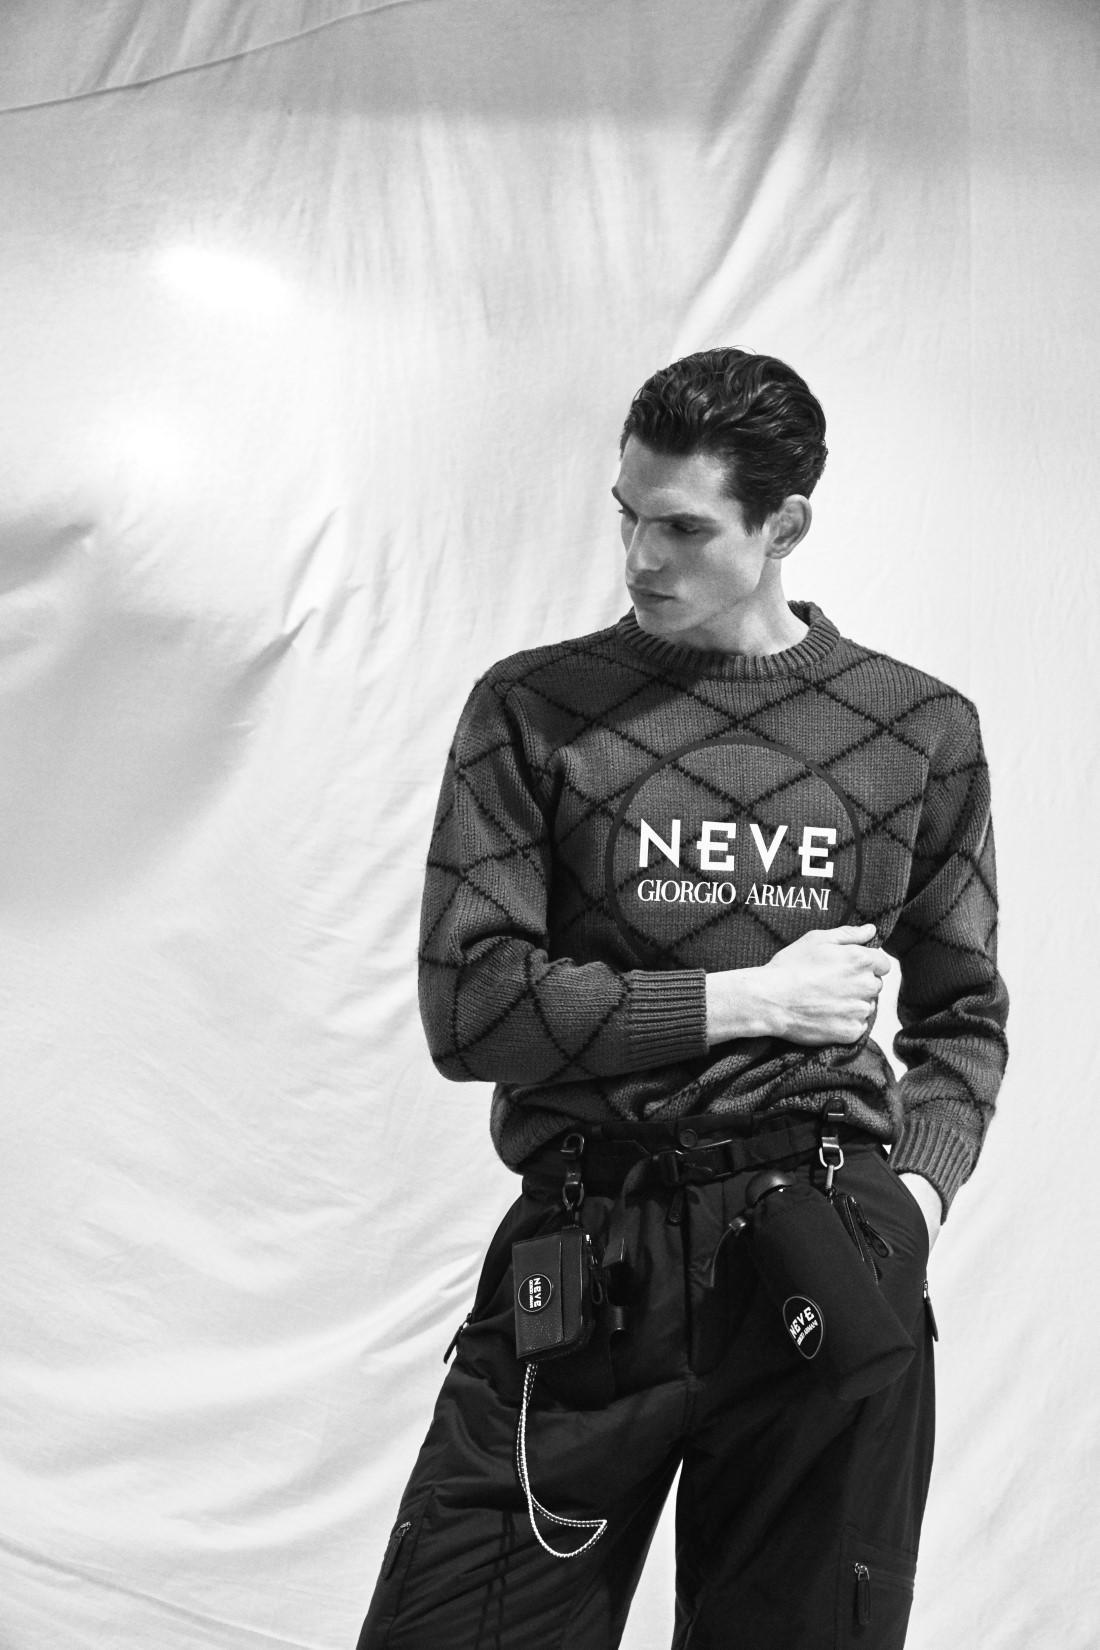 Giorgio Armani NEVE Automne-Hiver 2020